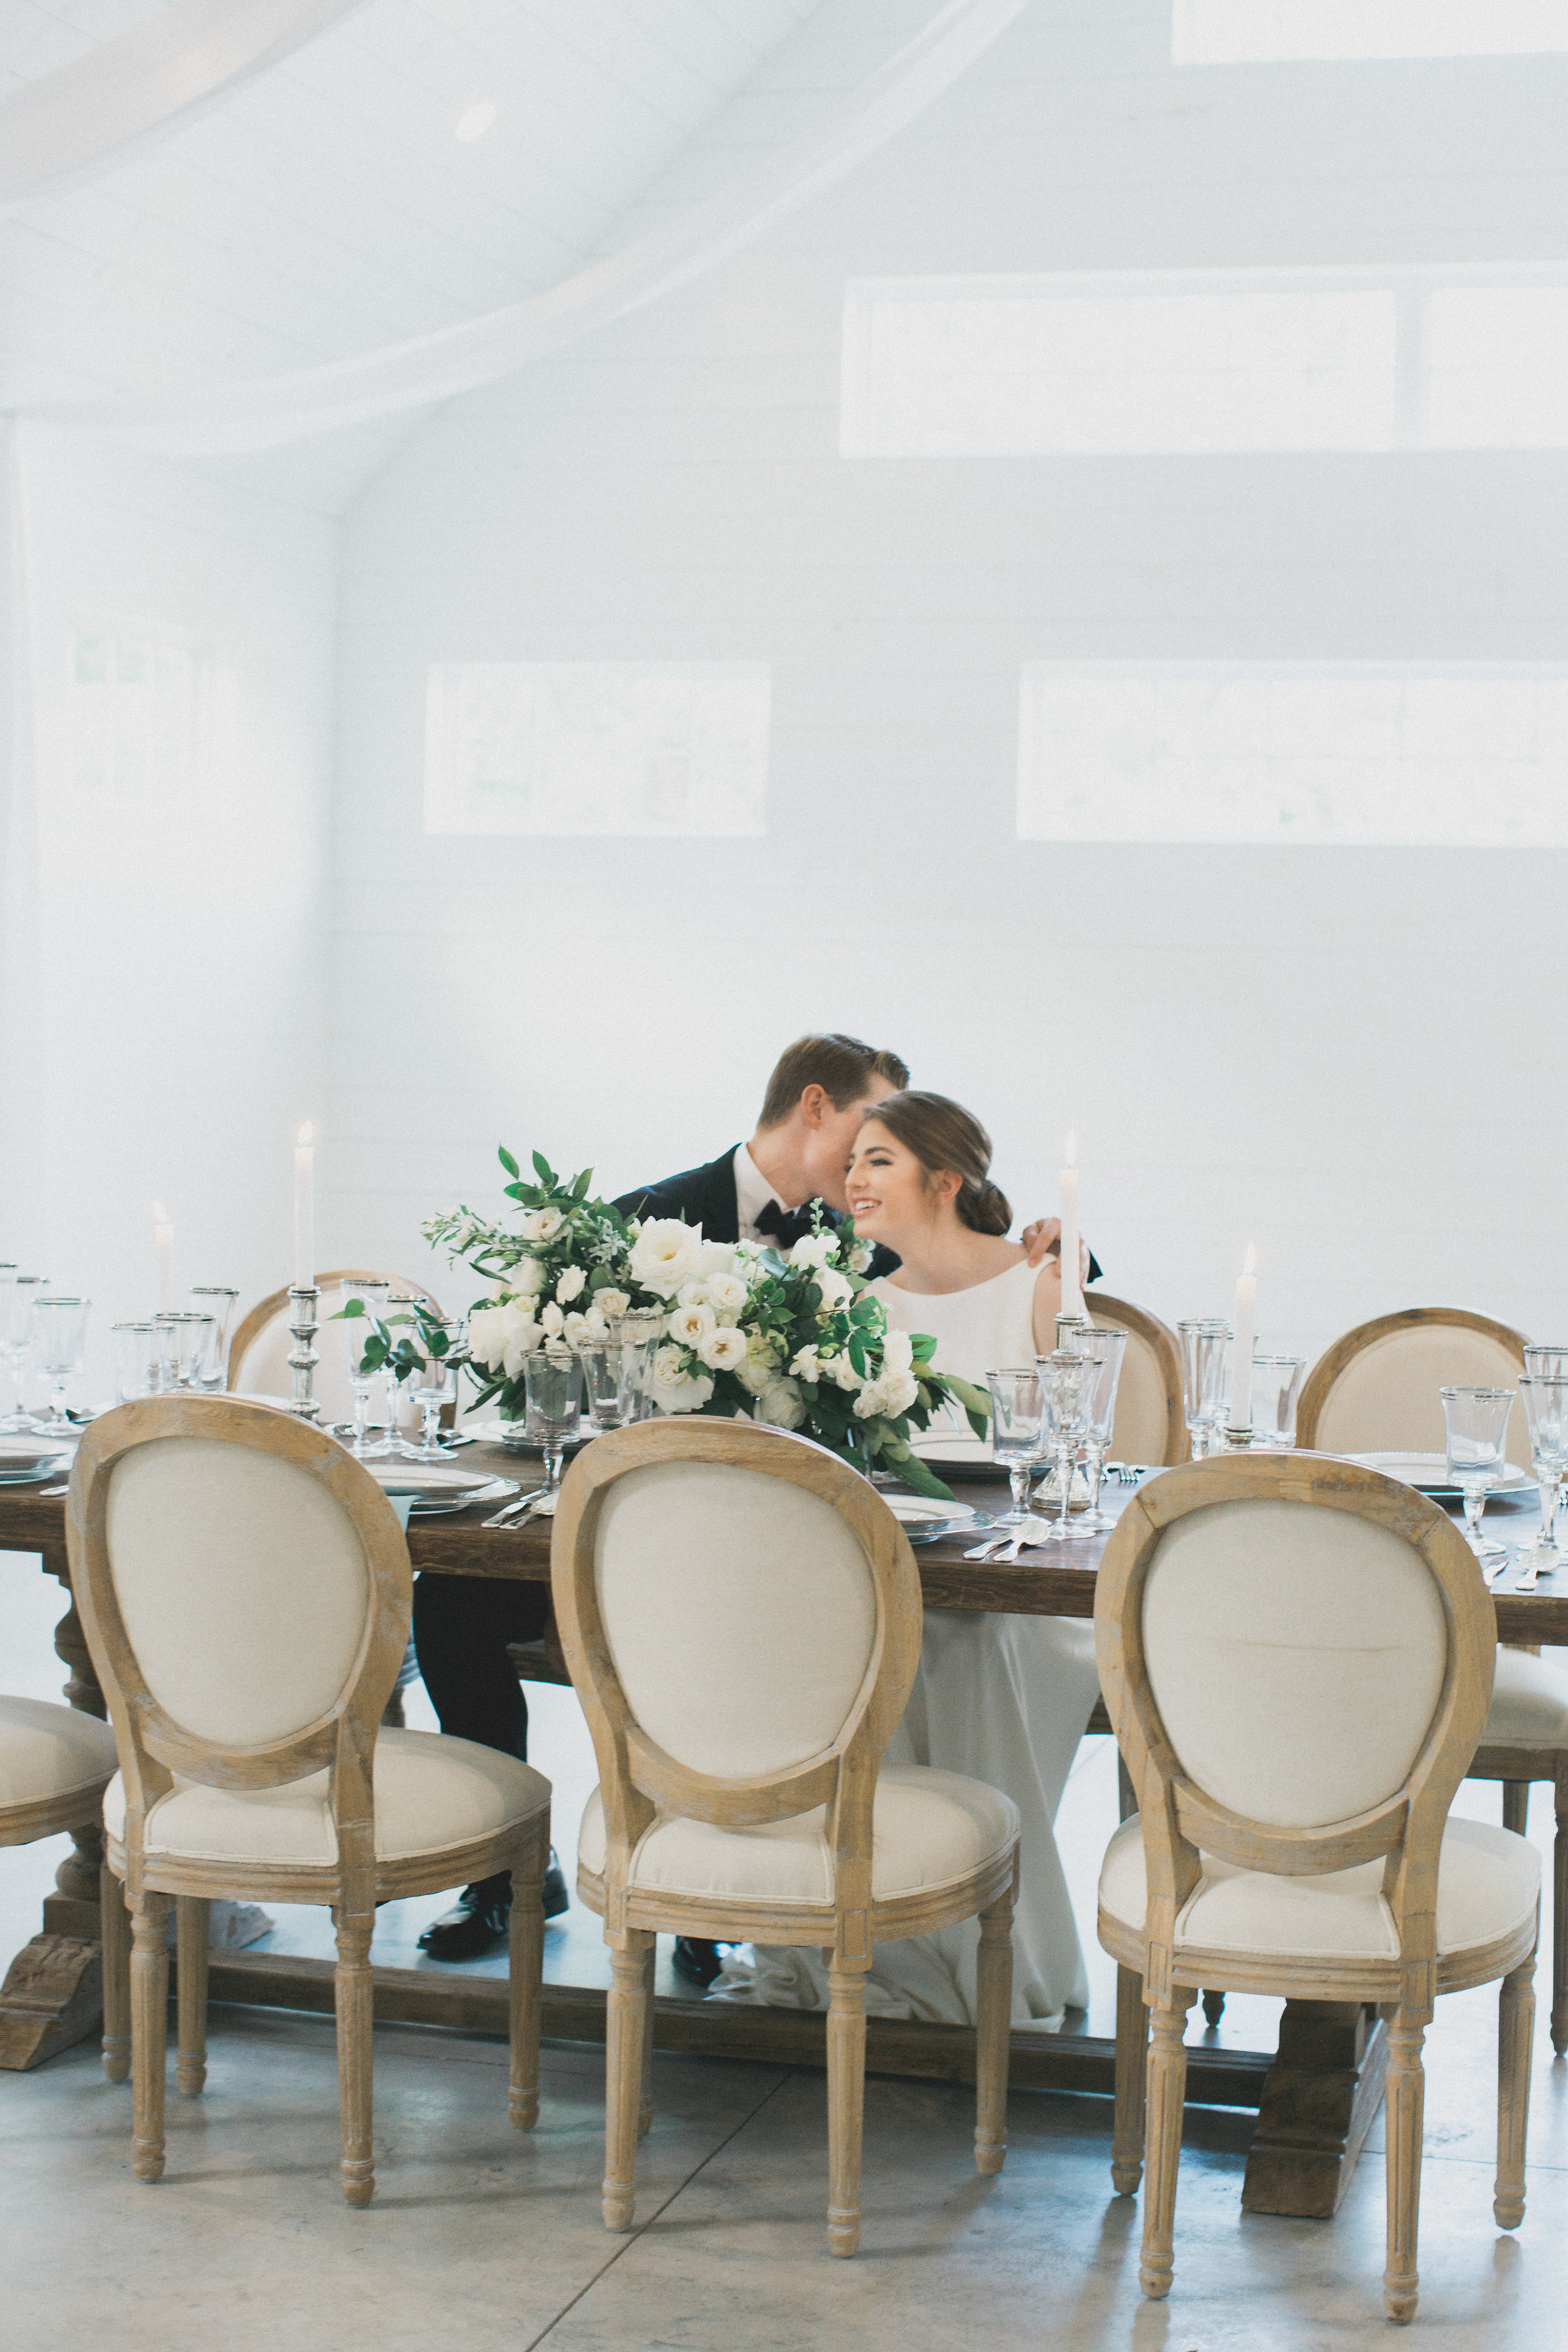 Simple Elegant Wedding Design | Southern Summer White Barn Wedding in Dallas, TX